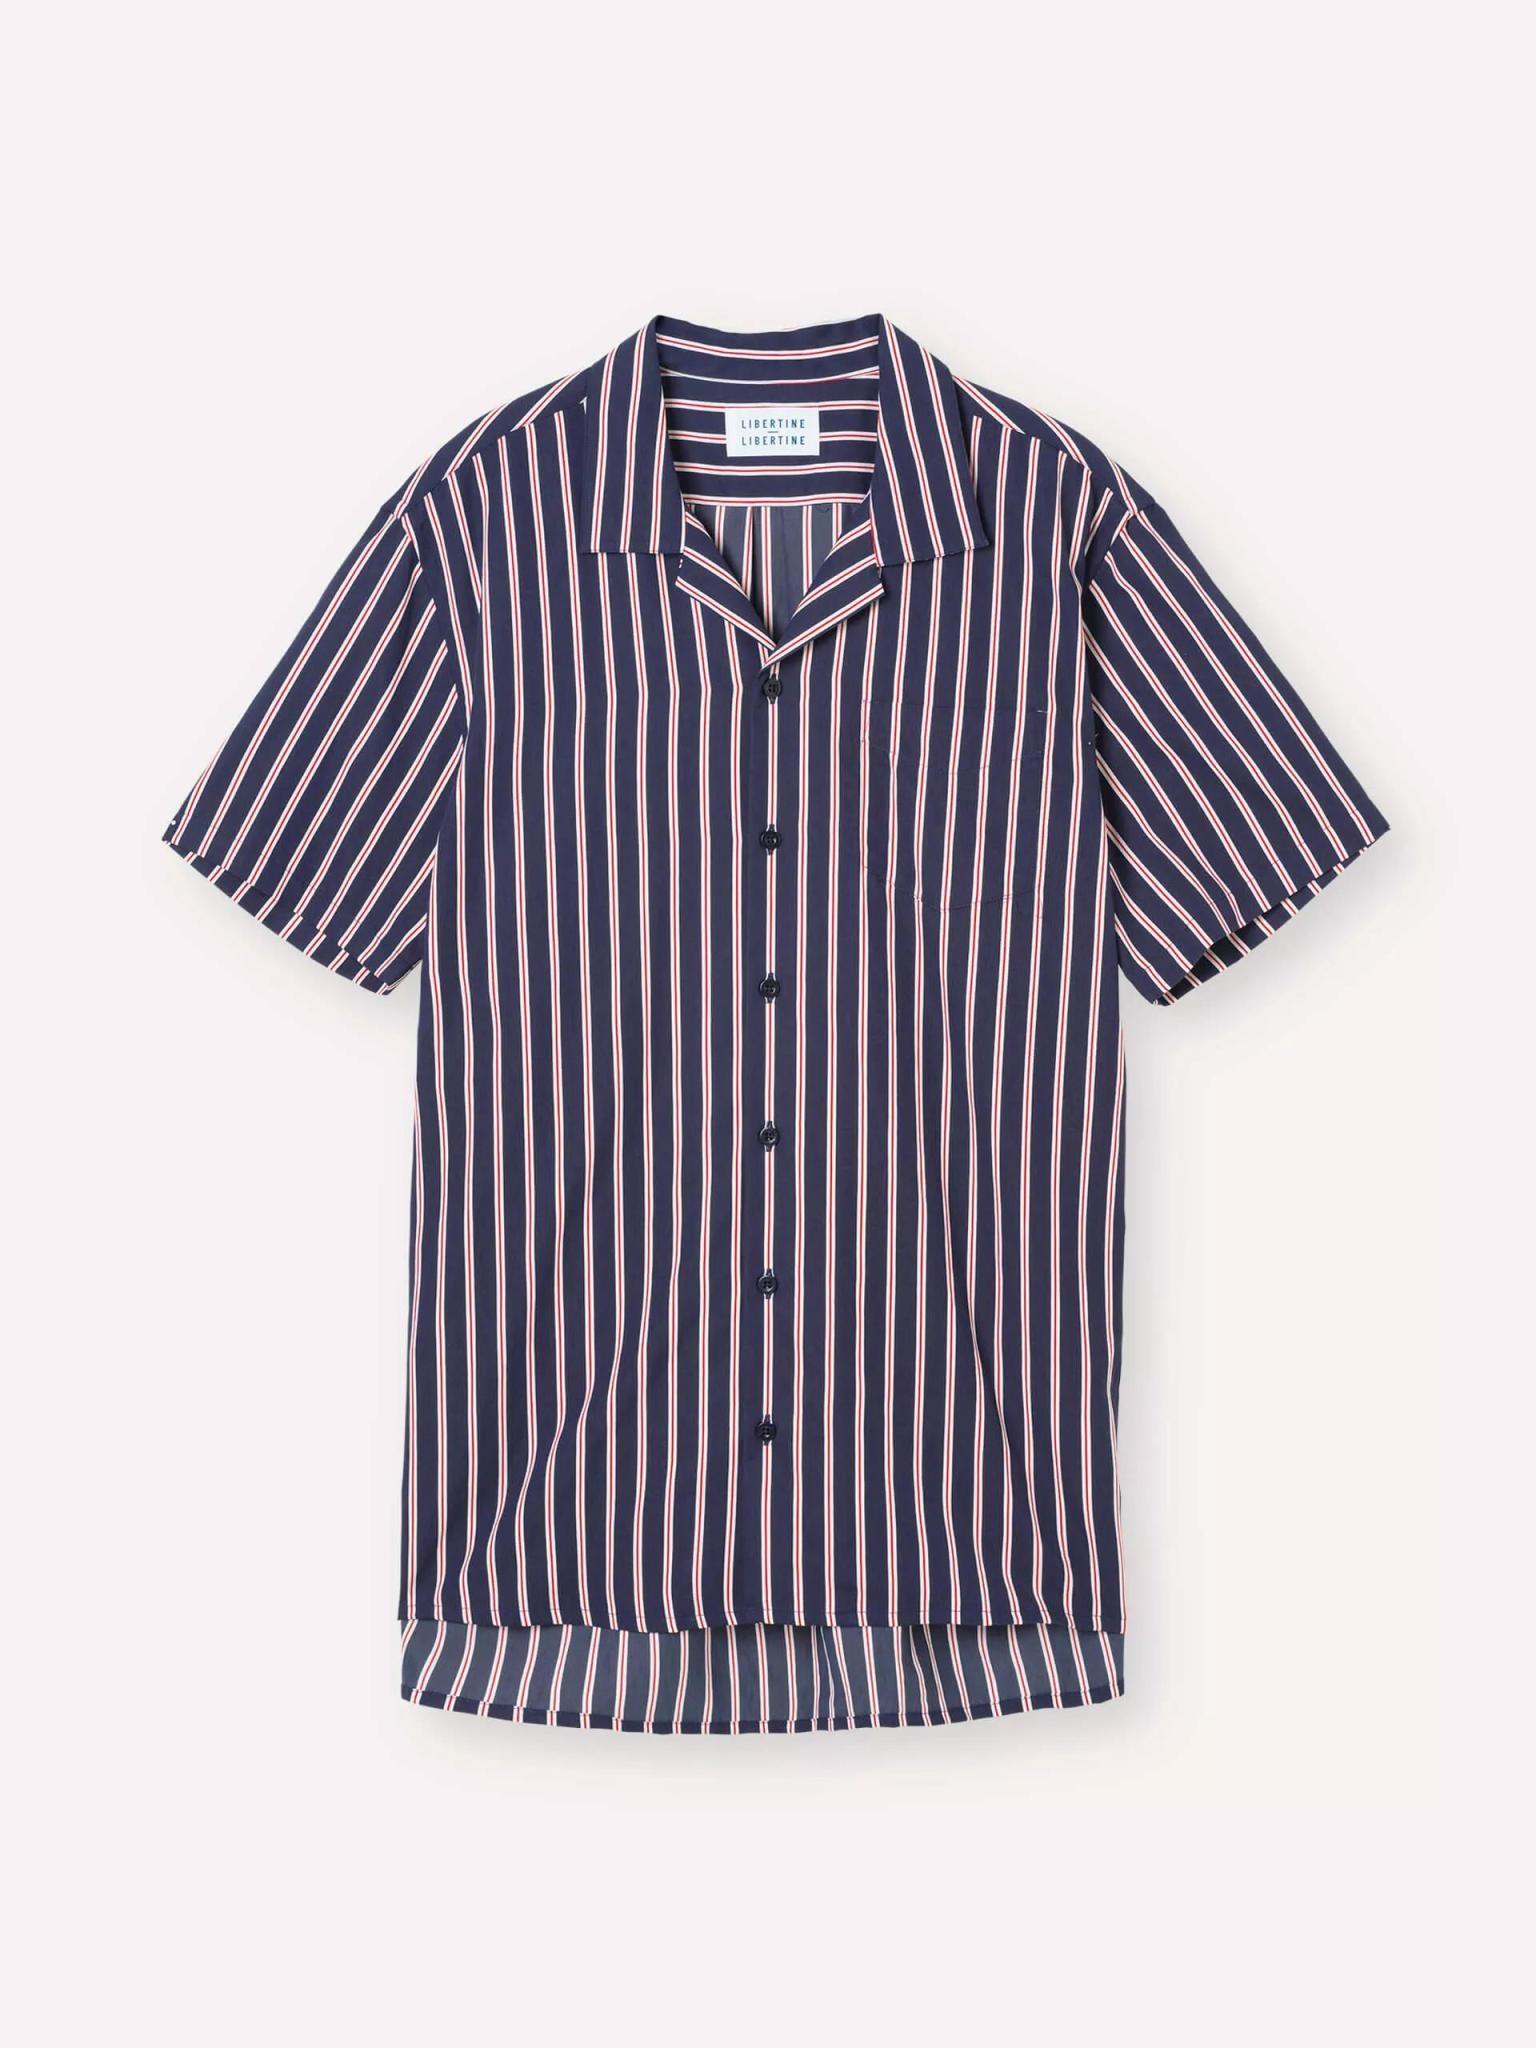 Cave overhemd met korte mouwen blauw rood gestreept-1